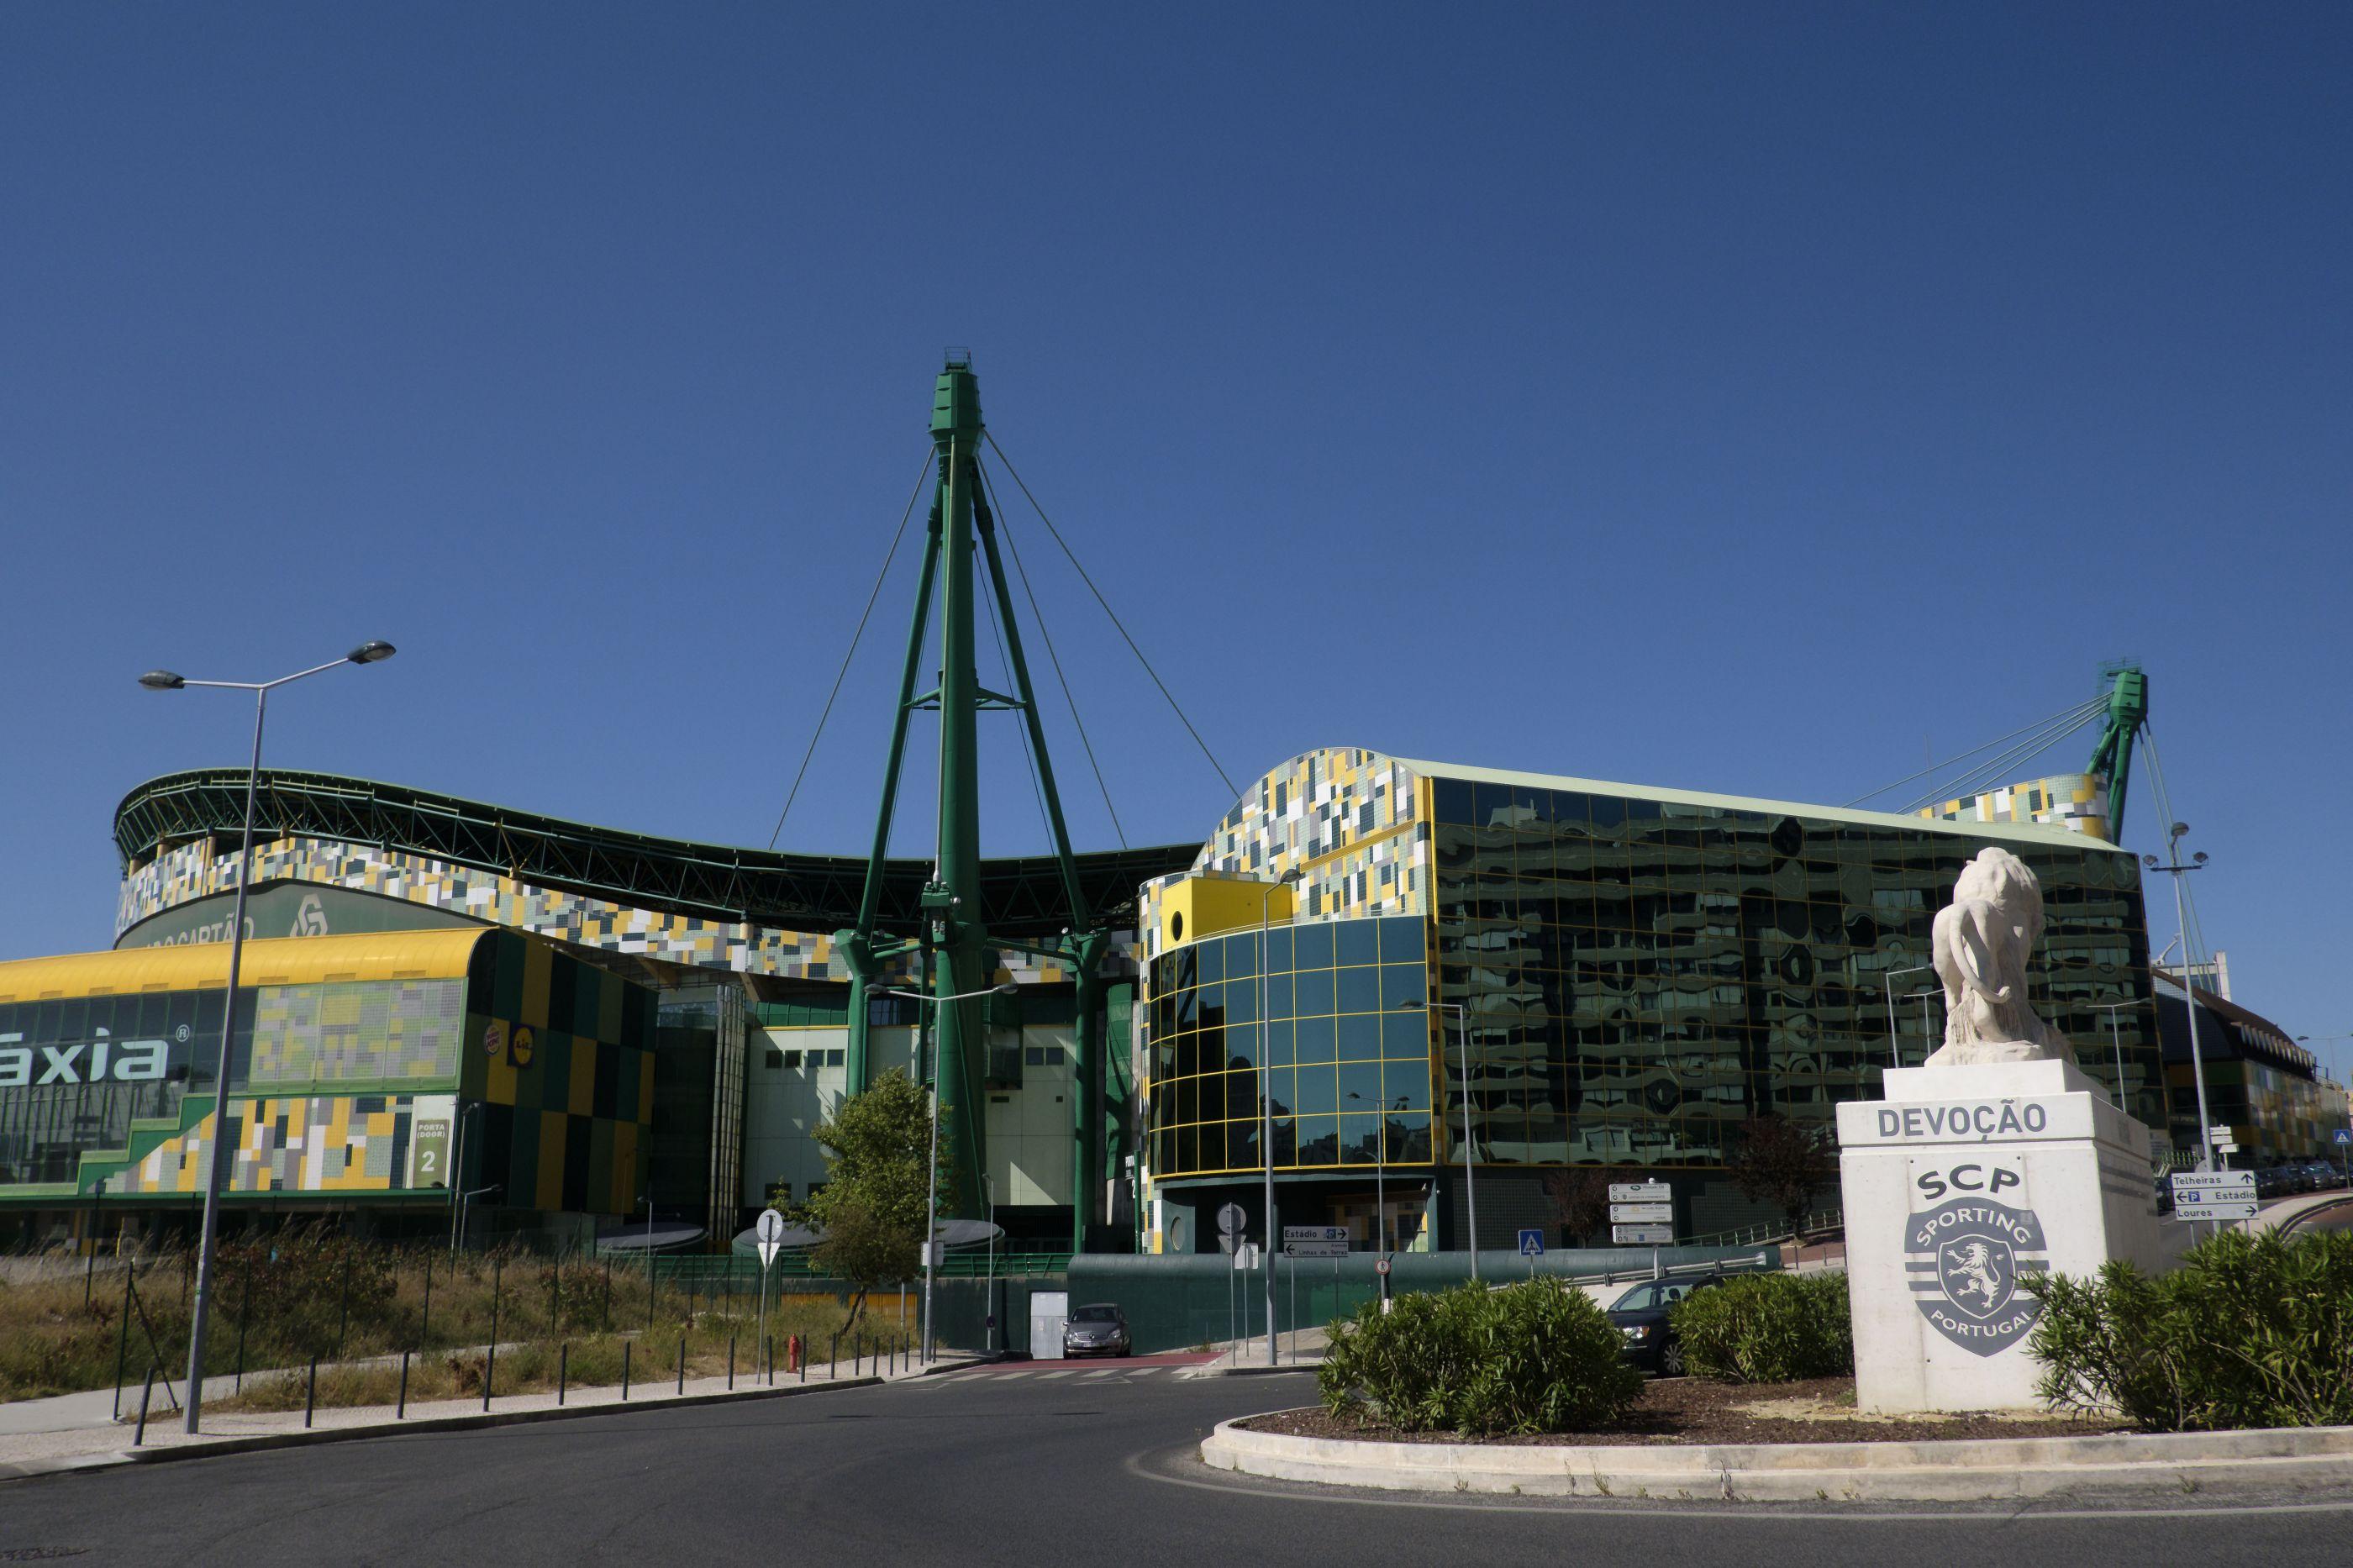 Oficial: Mais de quatro anos depois, Portugal volta a jogar em Alvalade